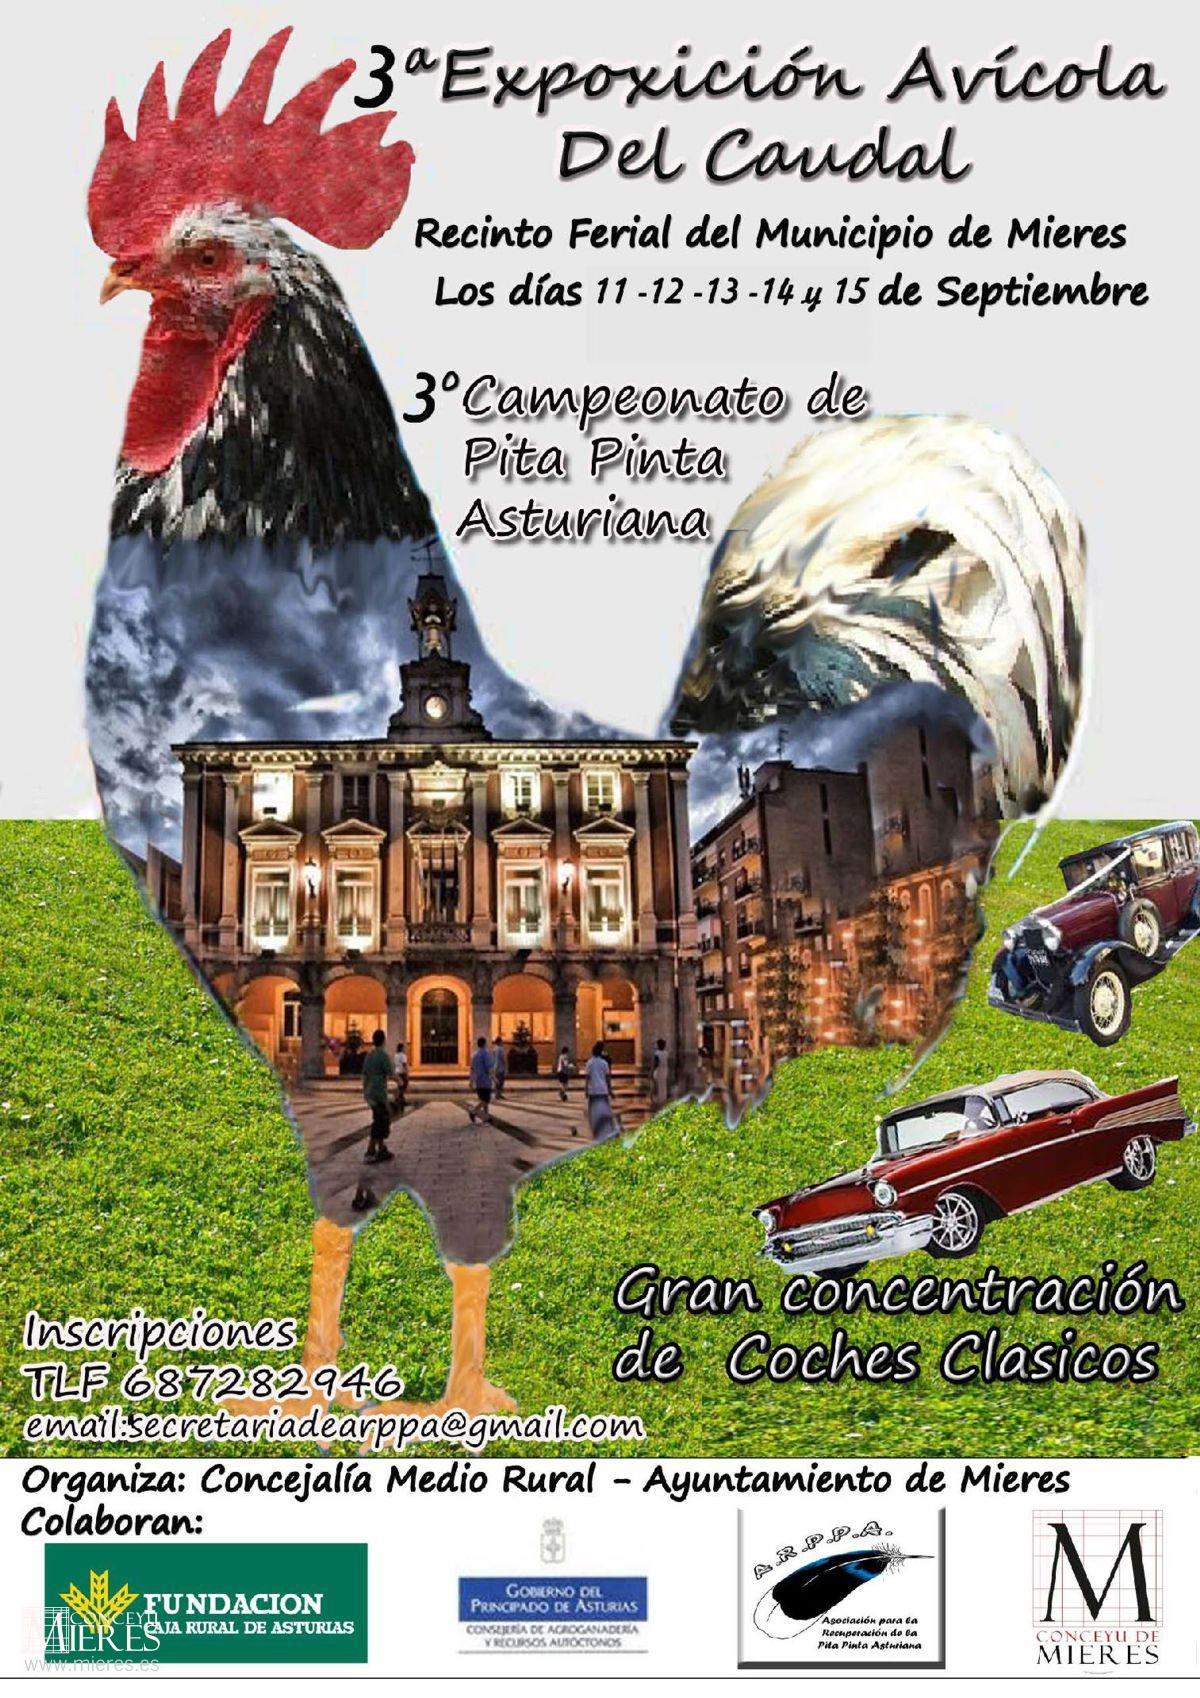 Cartel Exposicion Avicola Del Caudal 2019